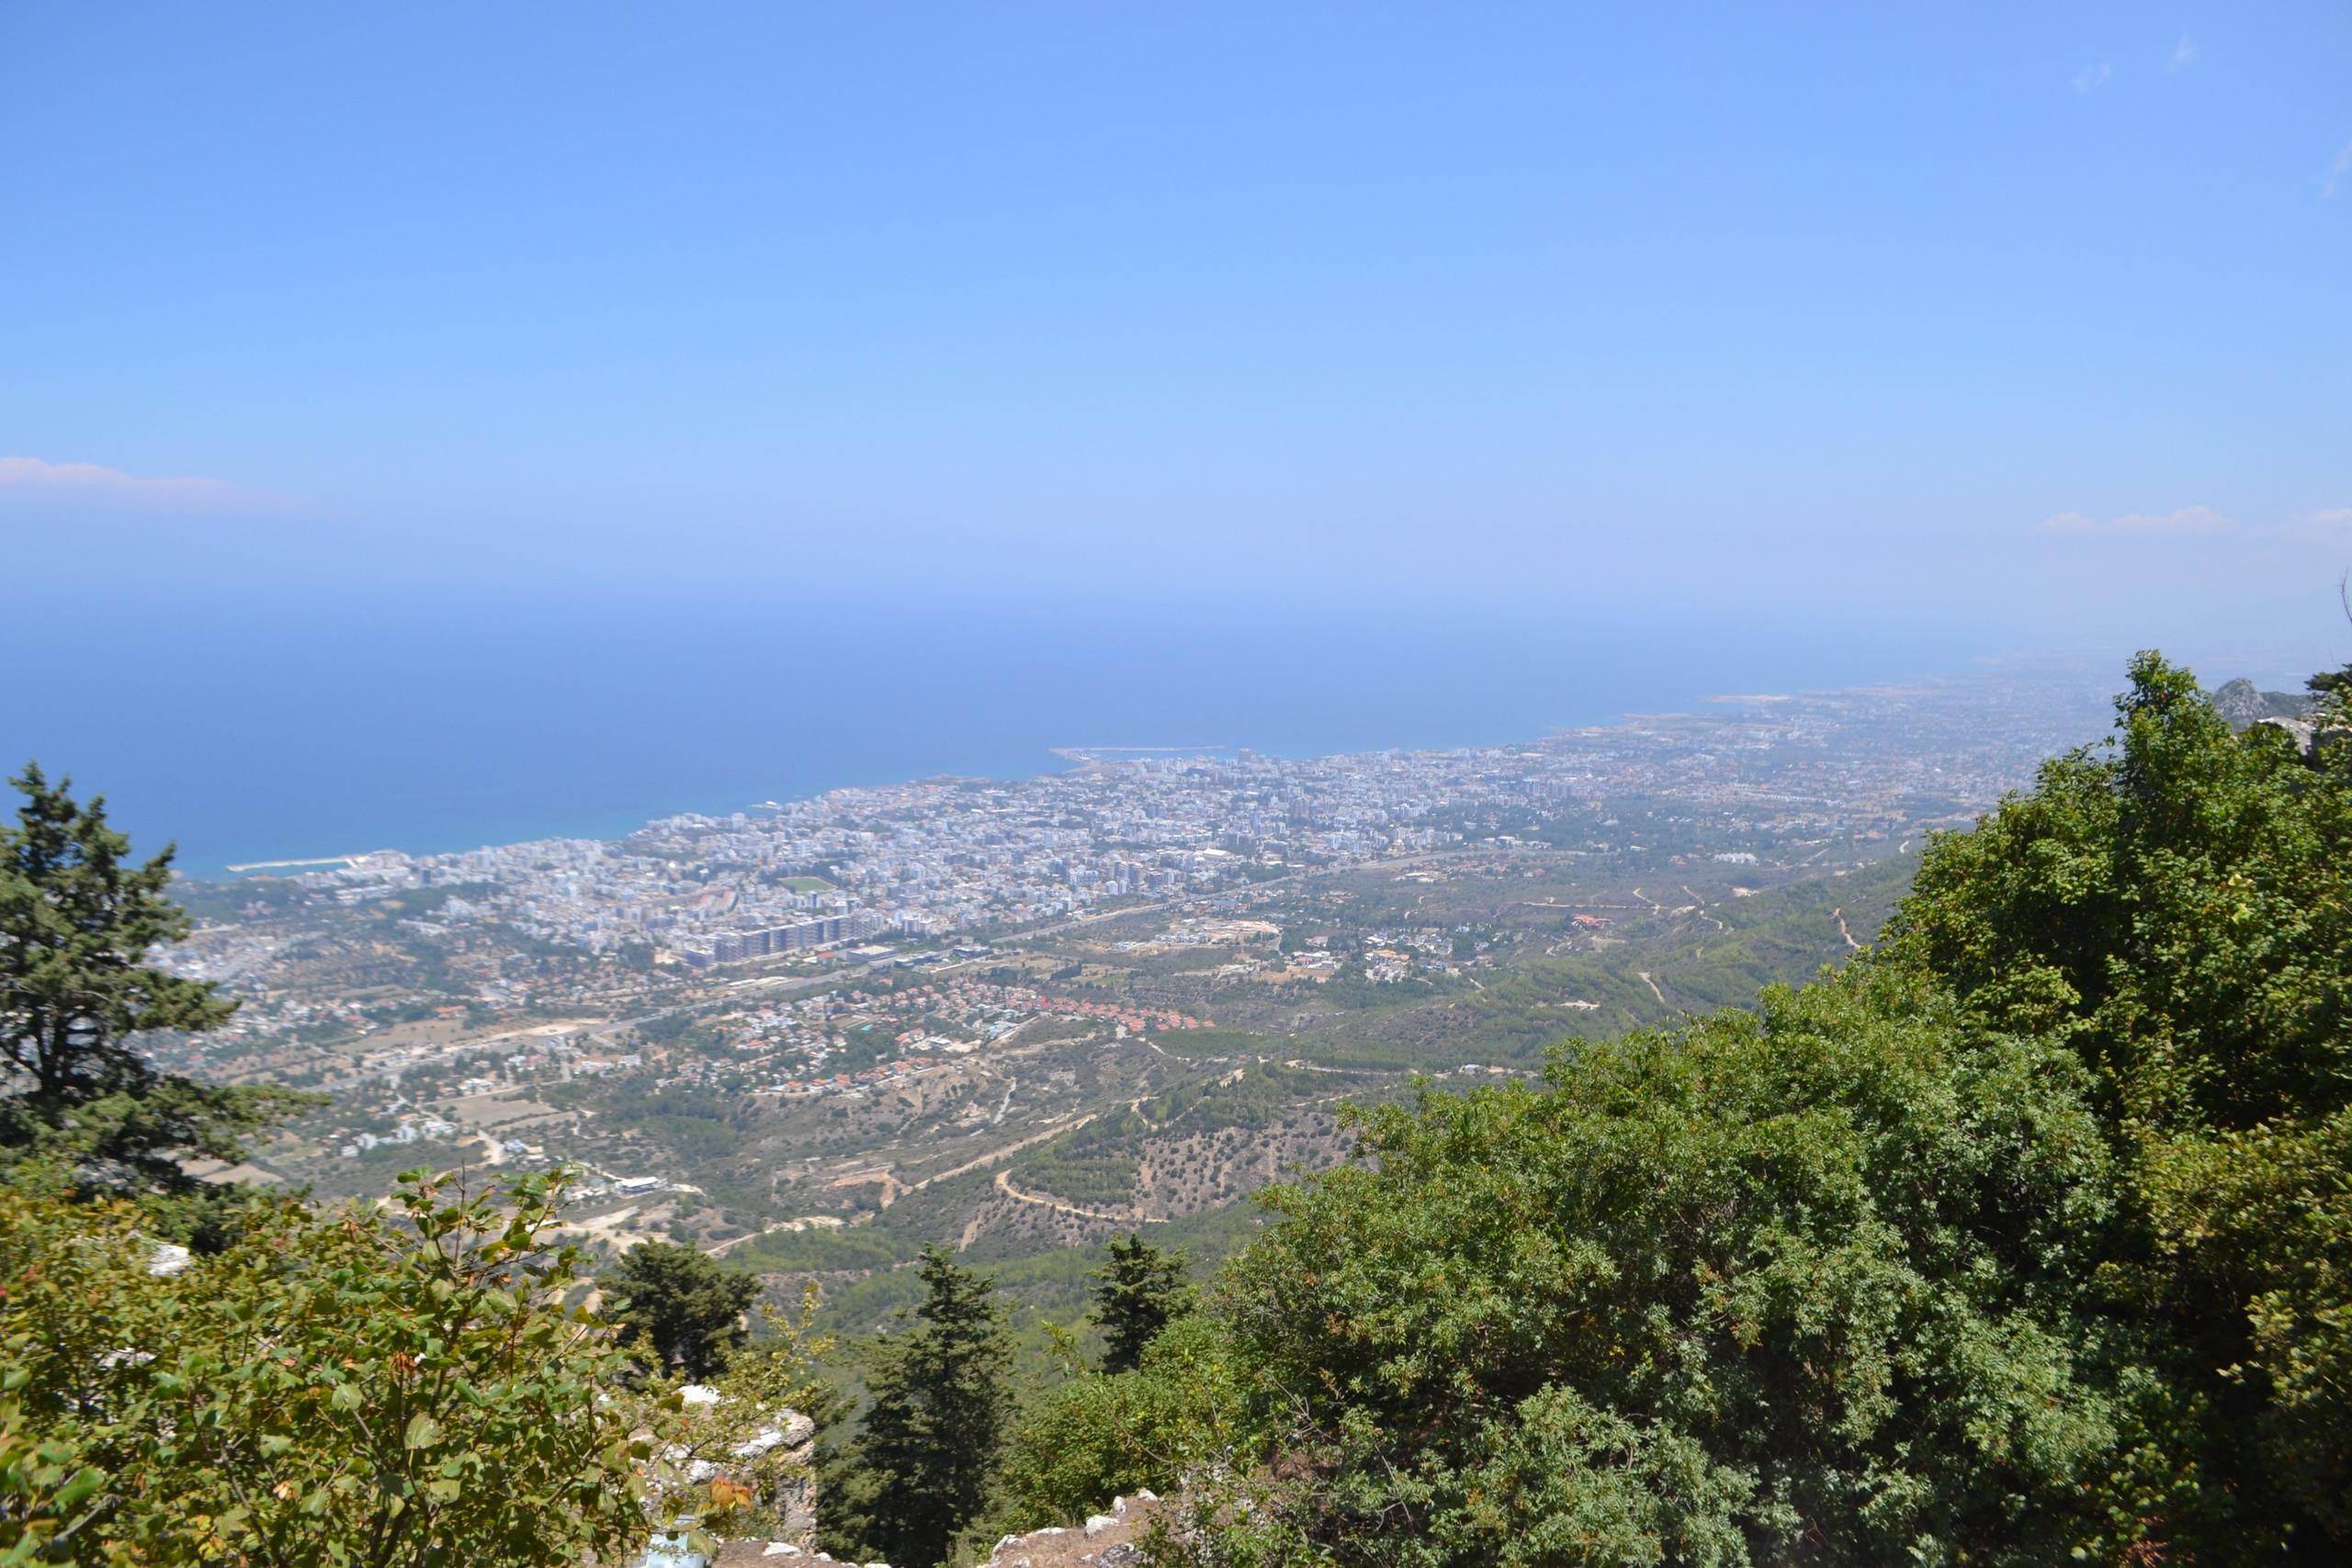 Северный Кипр. Замок Святого Иллариона. (фото). - Страница 2 QfGmnVEY3f0